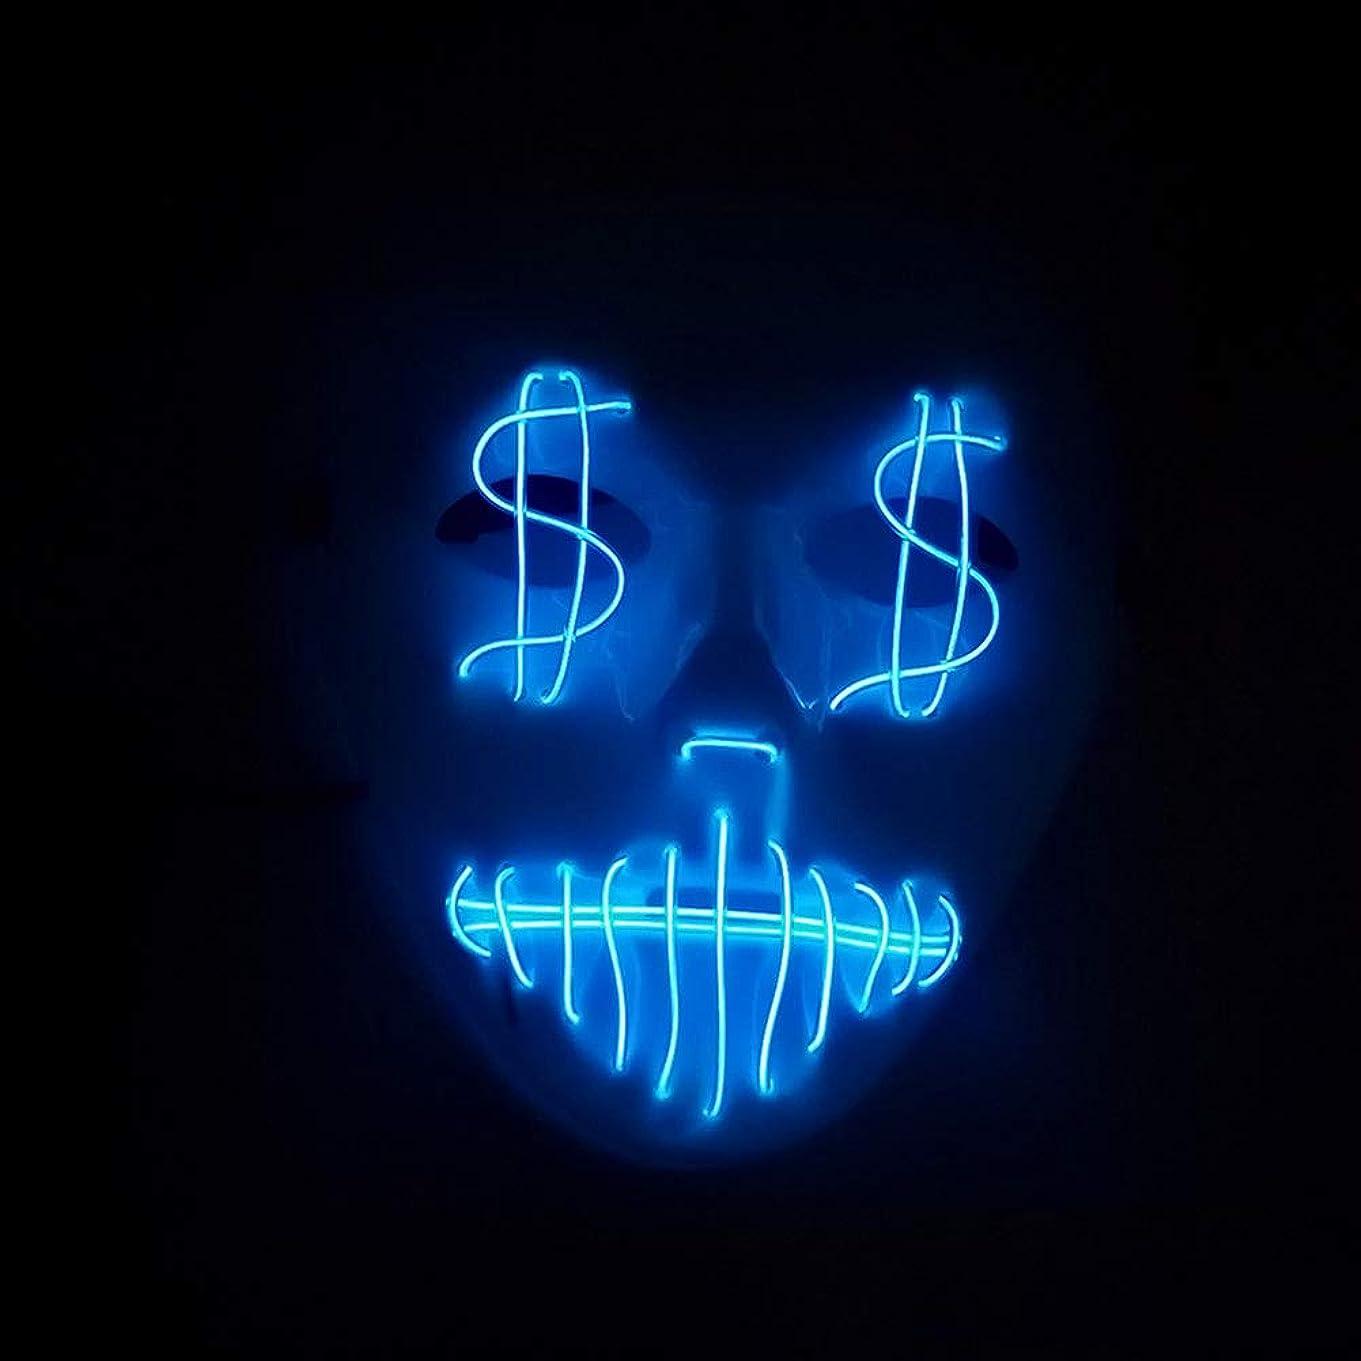 然とした有効なうがい薬テロ イルミネーション LED マスク 2個 ハロウィン EL ワイヤー ゴールドライン 口を絞る プロム パーティー マスク (18 * 18 * 9センチメートル) MAG.AL